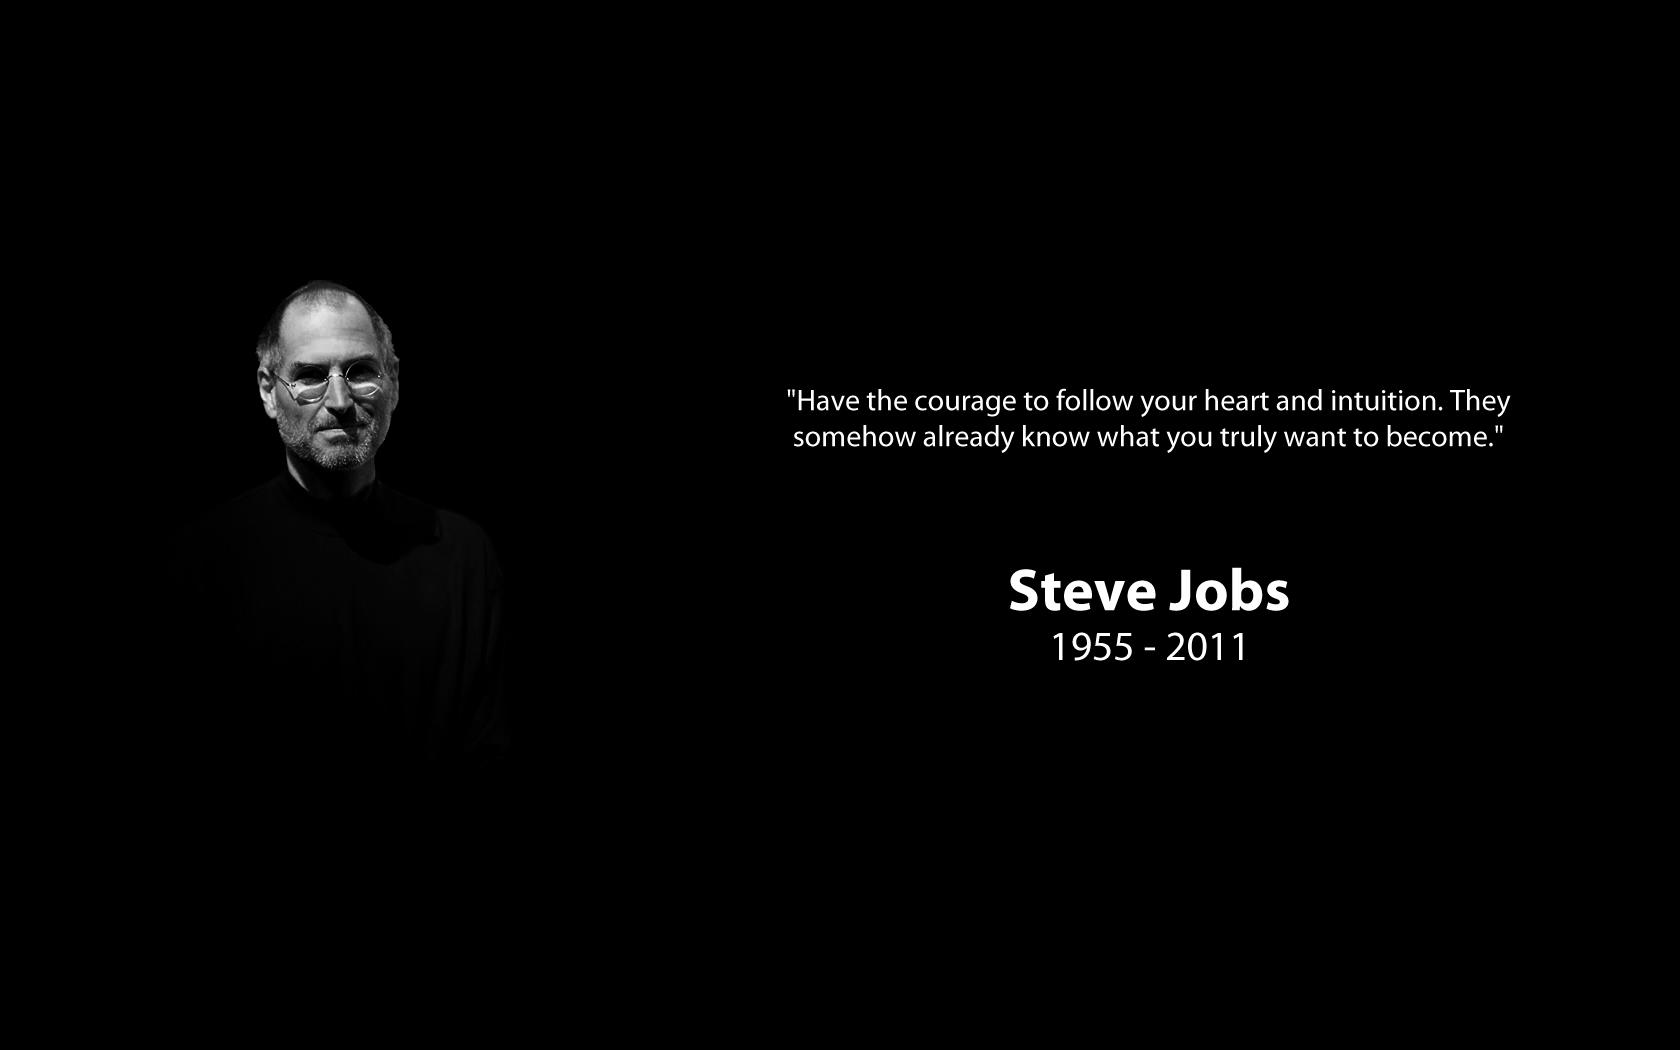 Job quote #1